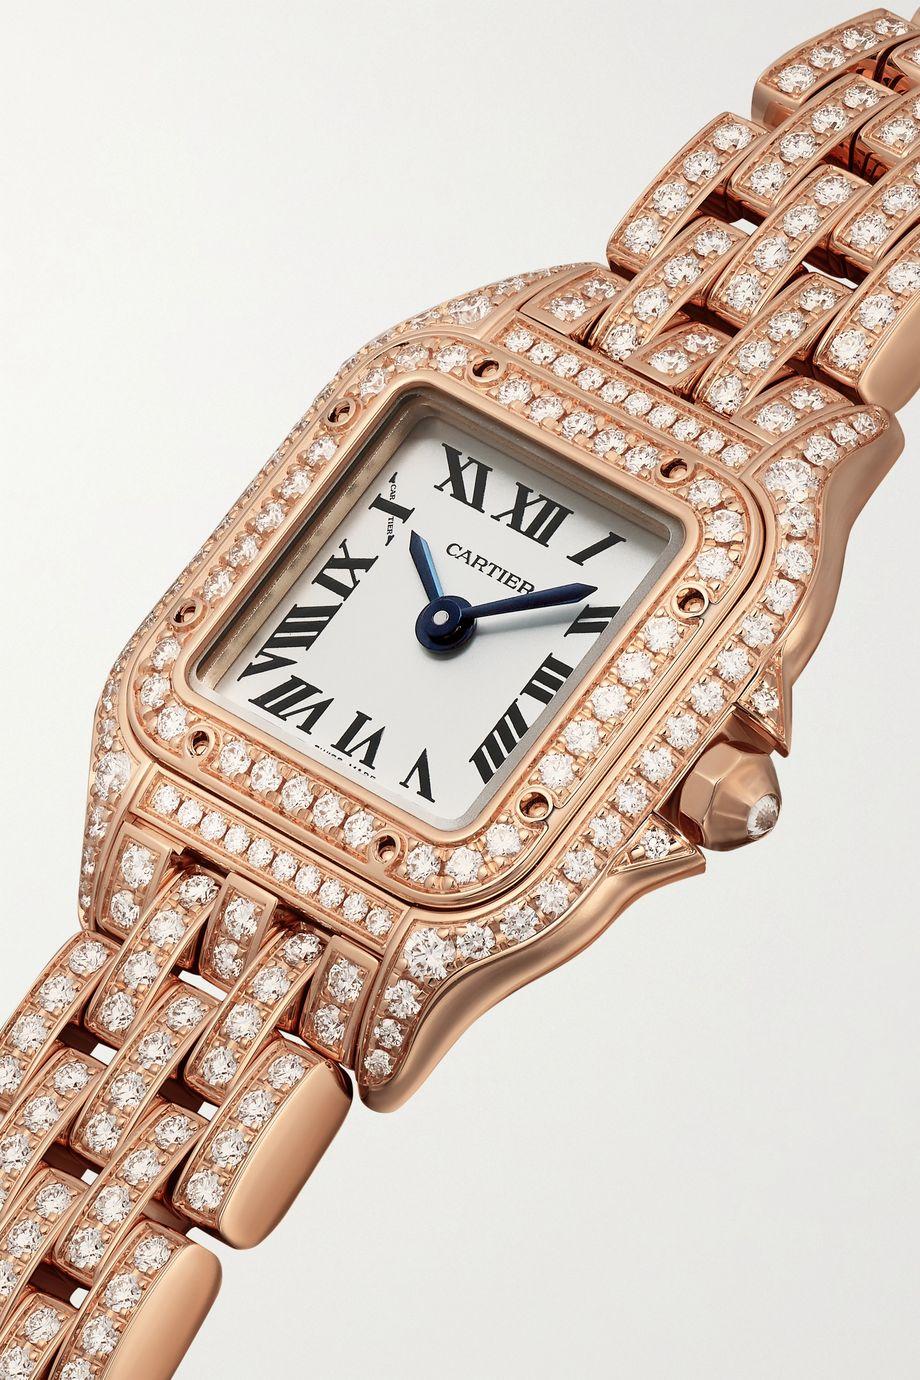 Cartier Panthère de Cartier 25 mm mini Uhr aus 18 Karat Roségold mit Diamanten